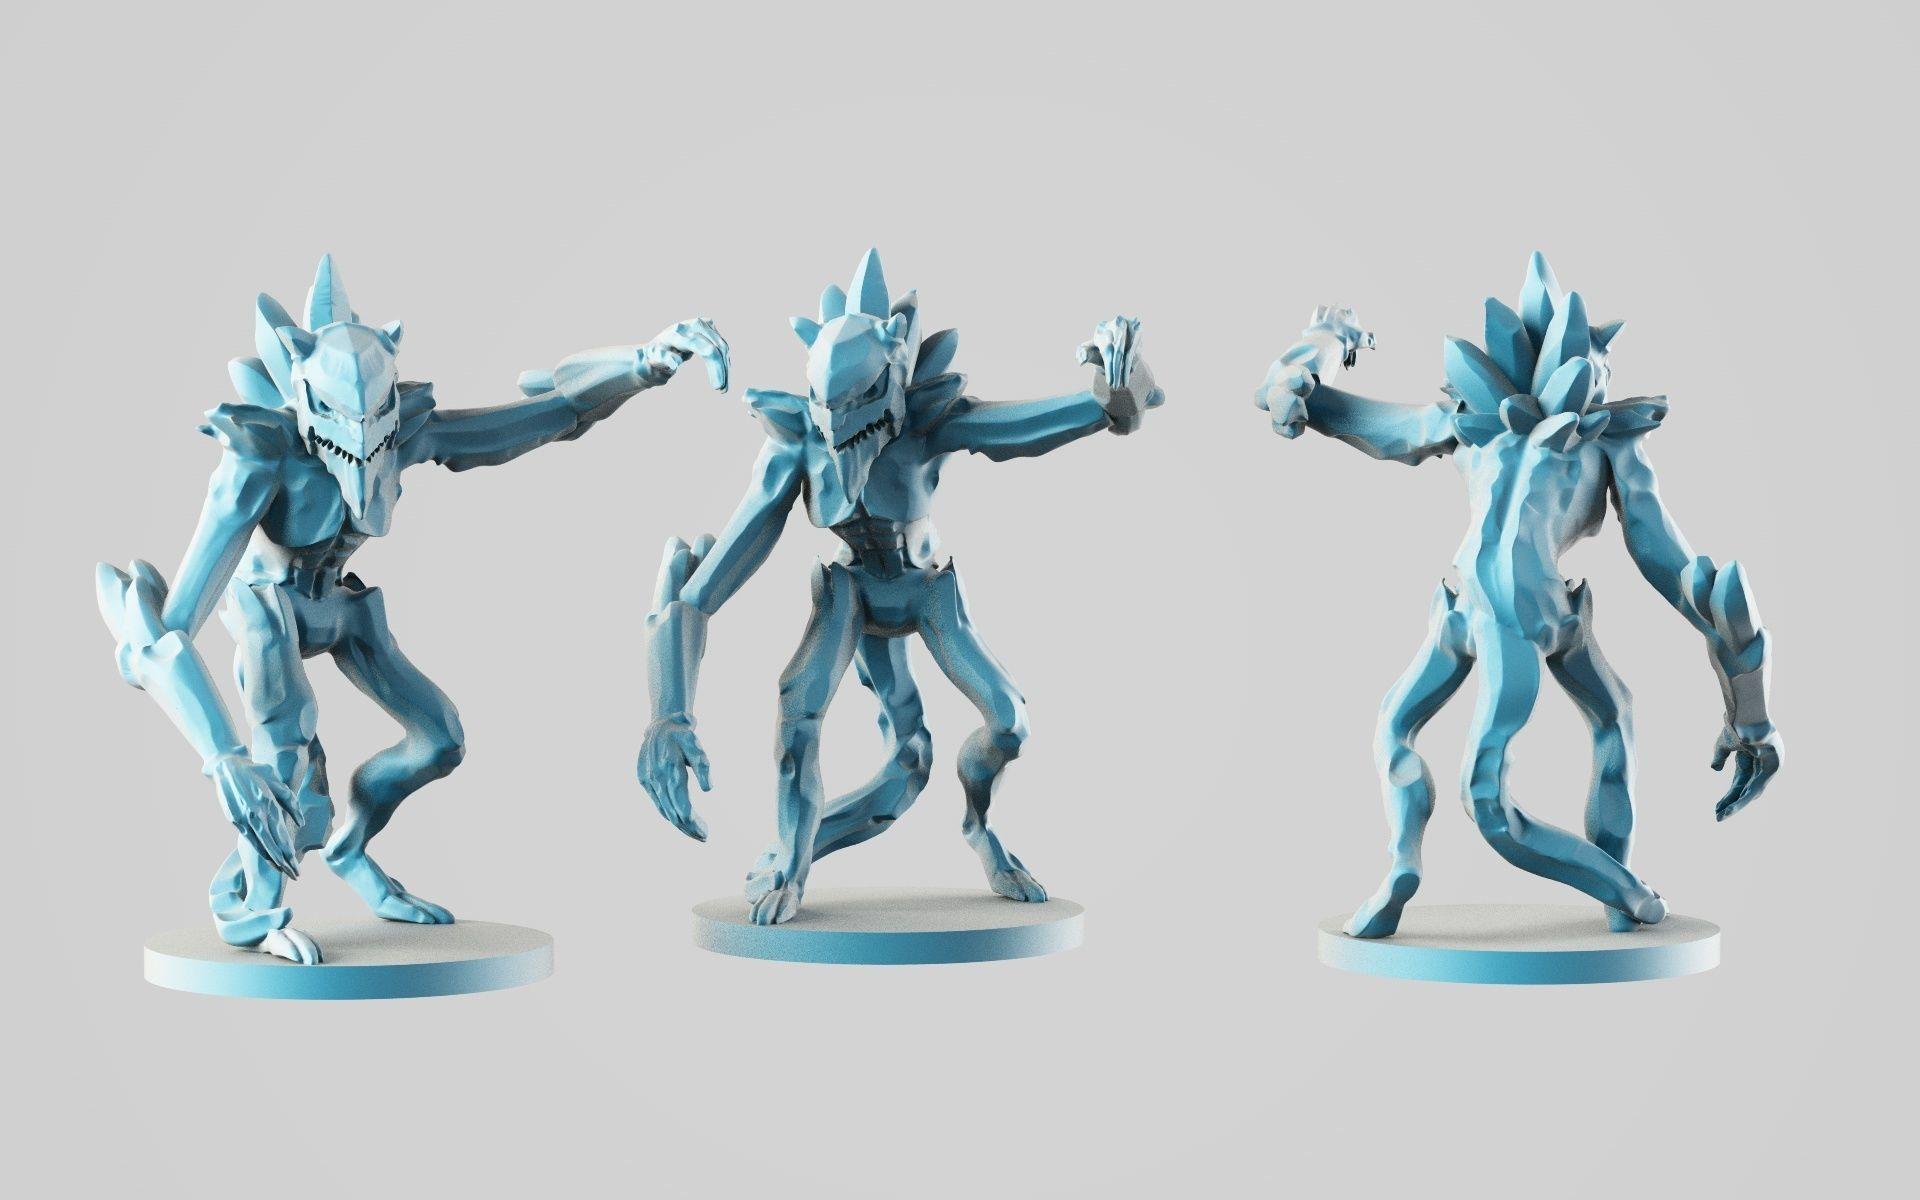 Demon ice